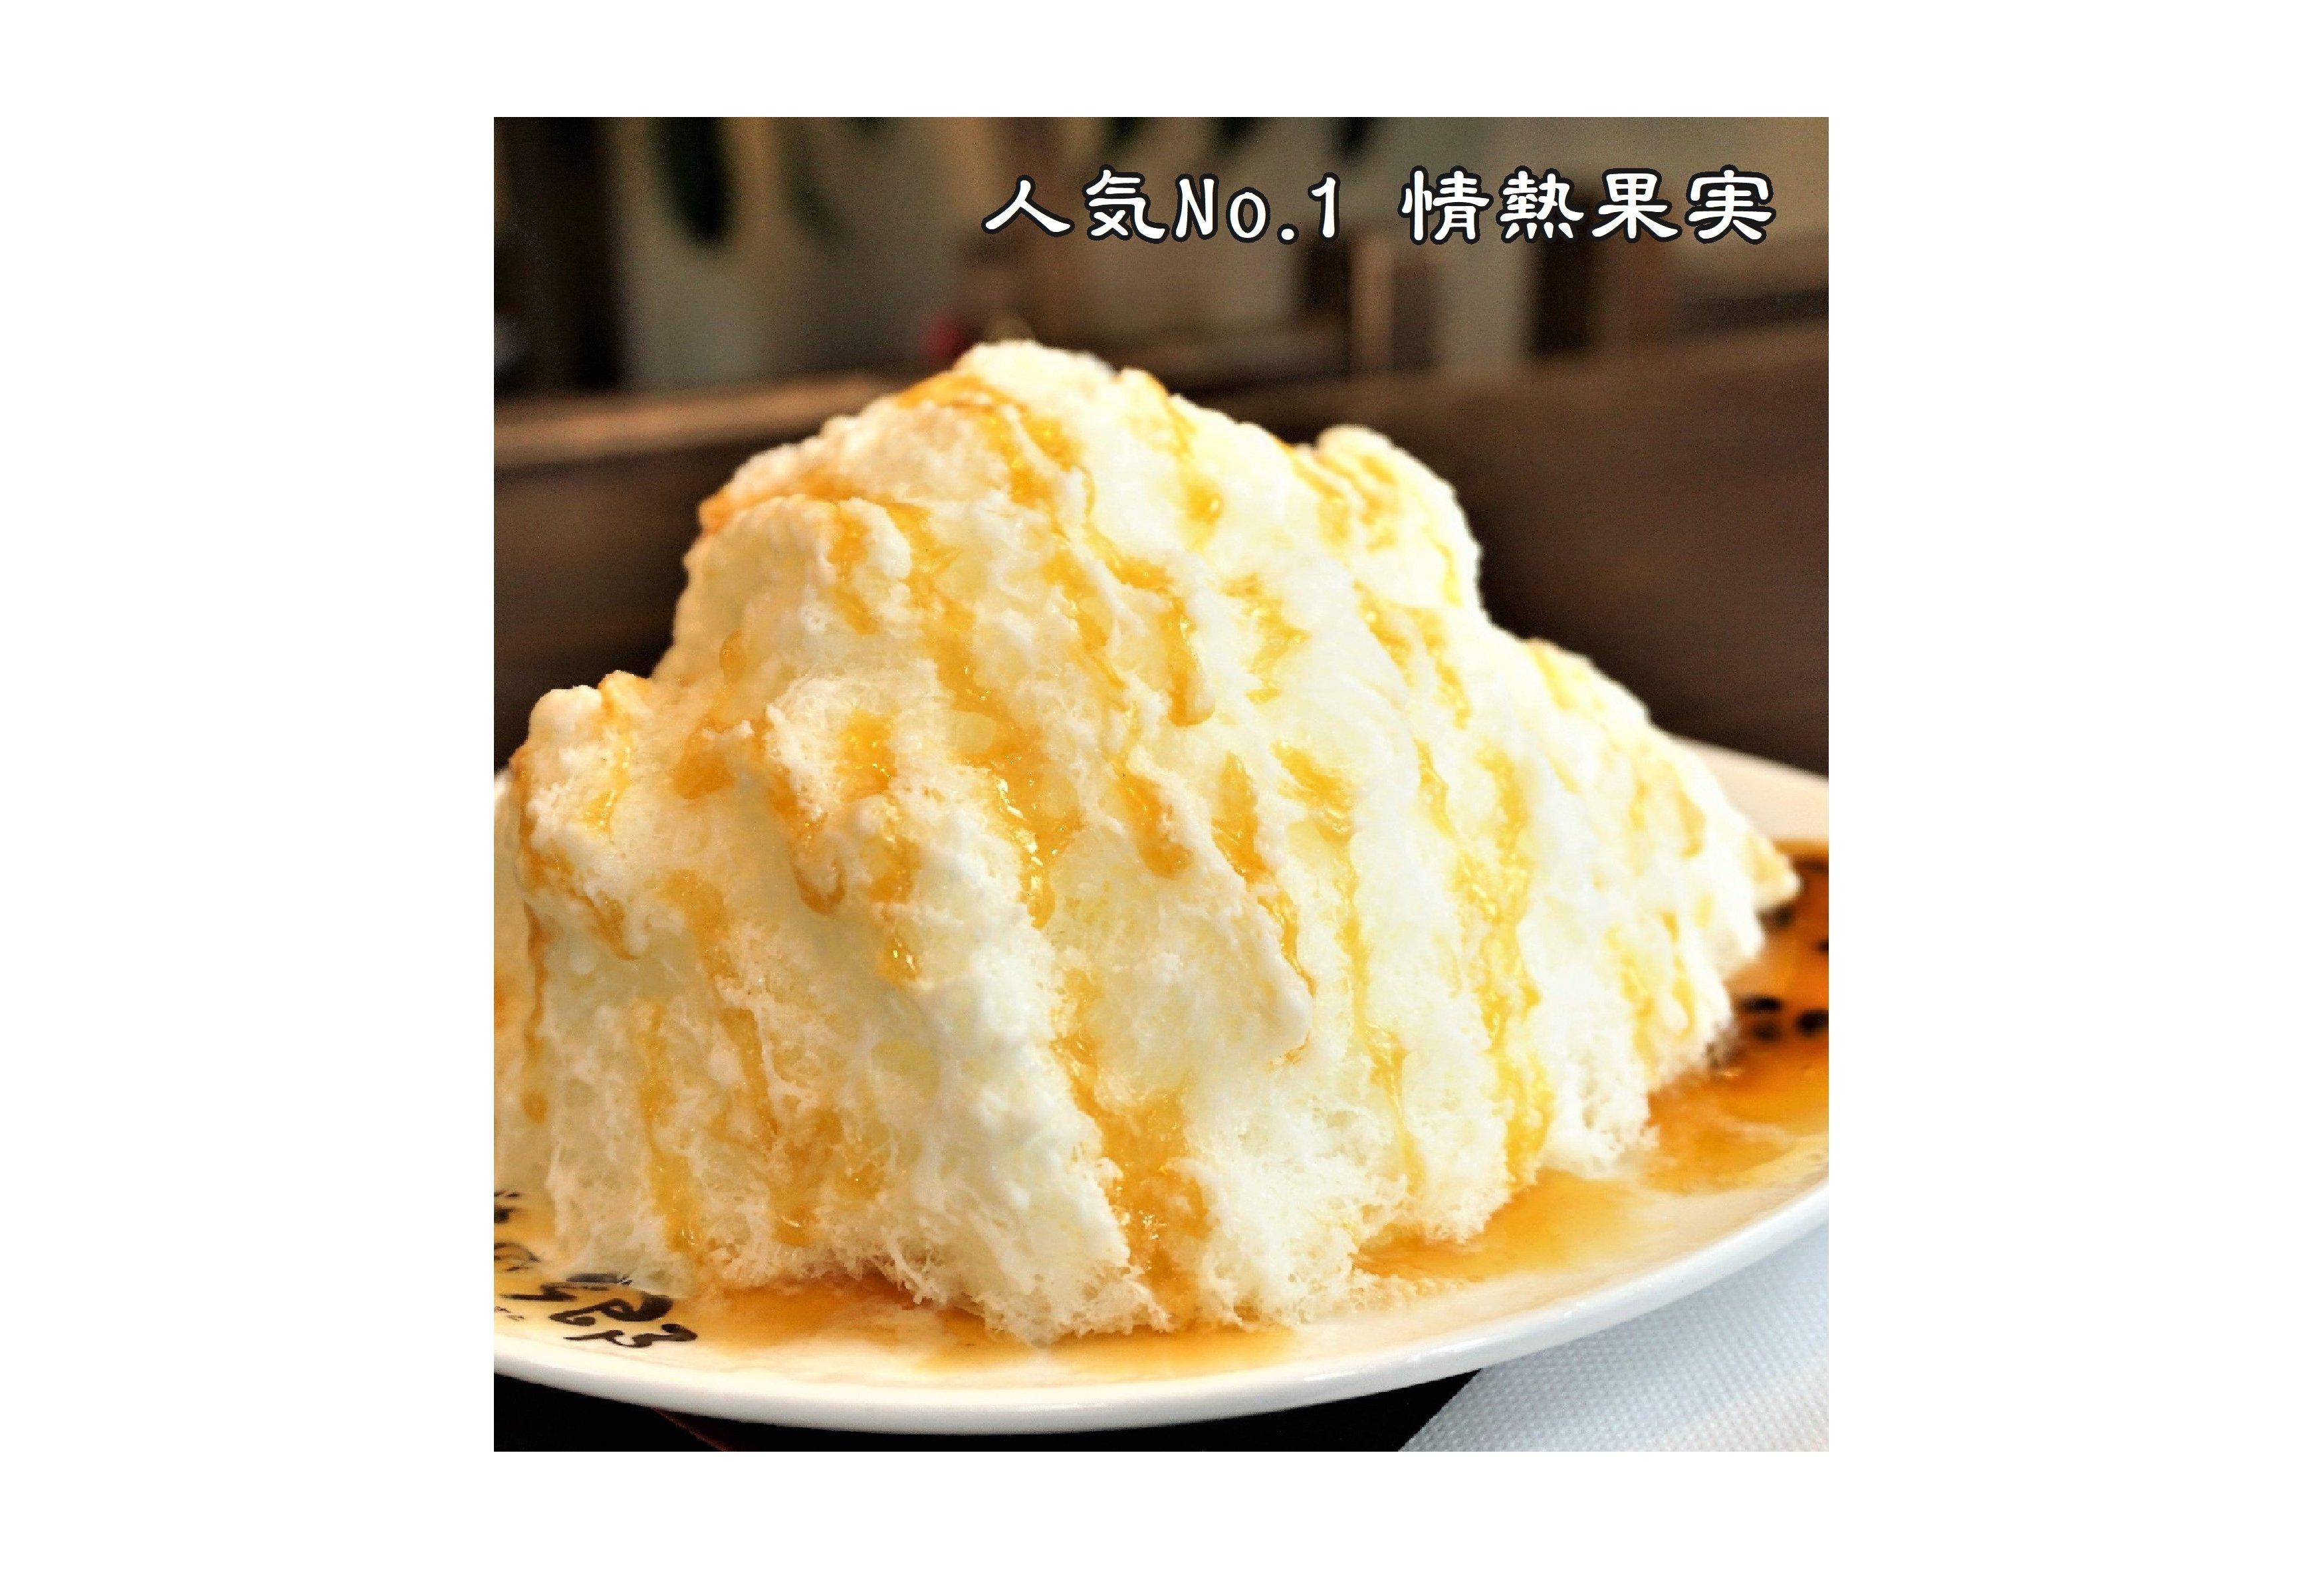 【現地払い専用】雪花冰・ドリンク・花焼きセット/1,200円のイメージその3